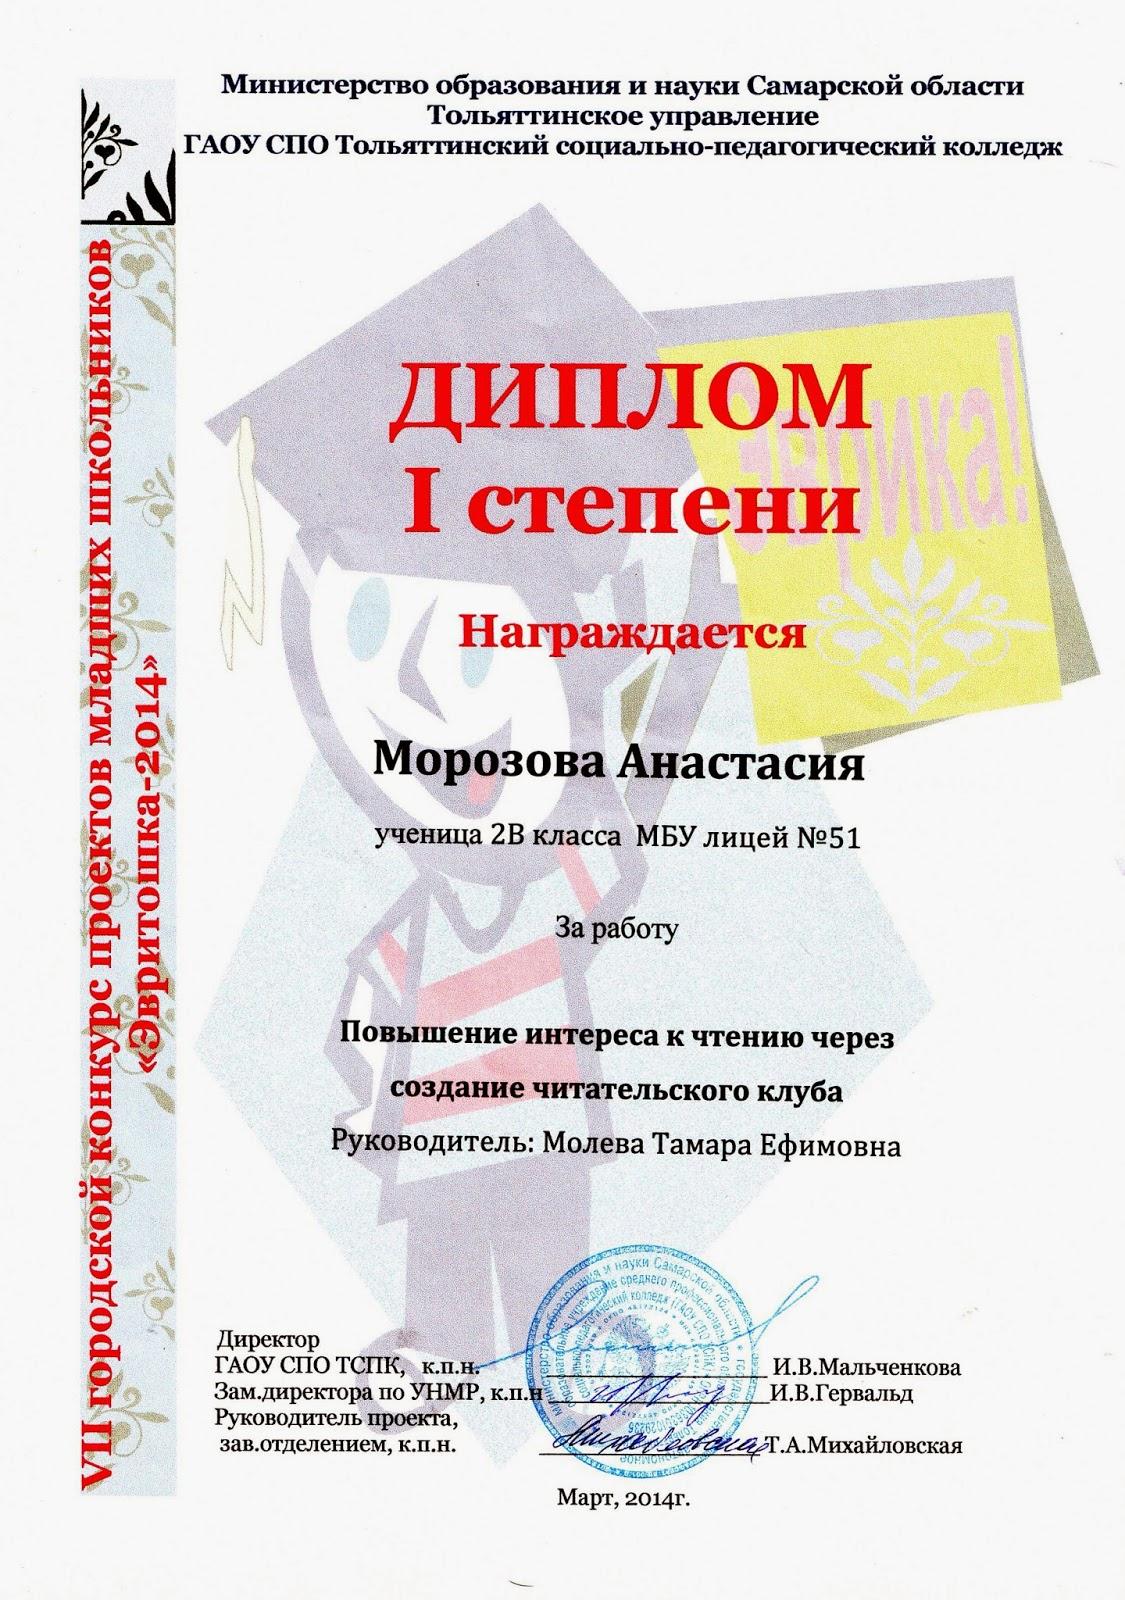 http://school51tlt2012.blogspot.ru/2014/03/vii-2014_28.html